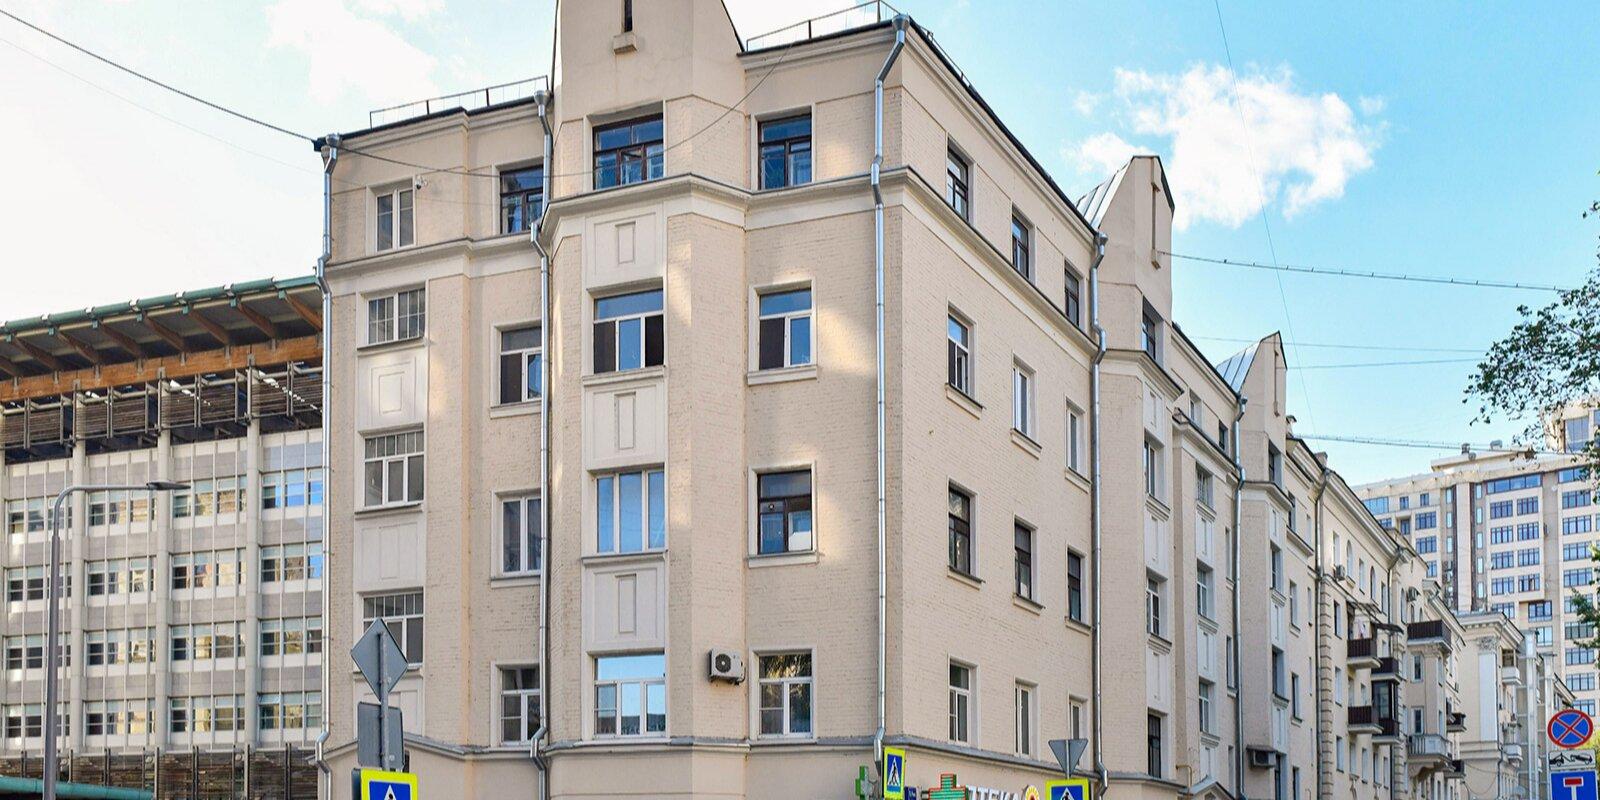 Сталинскую пятиэтажку на Арбате капитально отремонтируют. Фото: сайт мэра Москвы